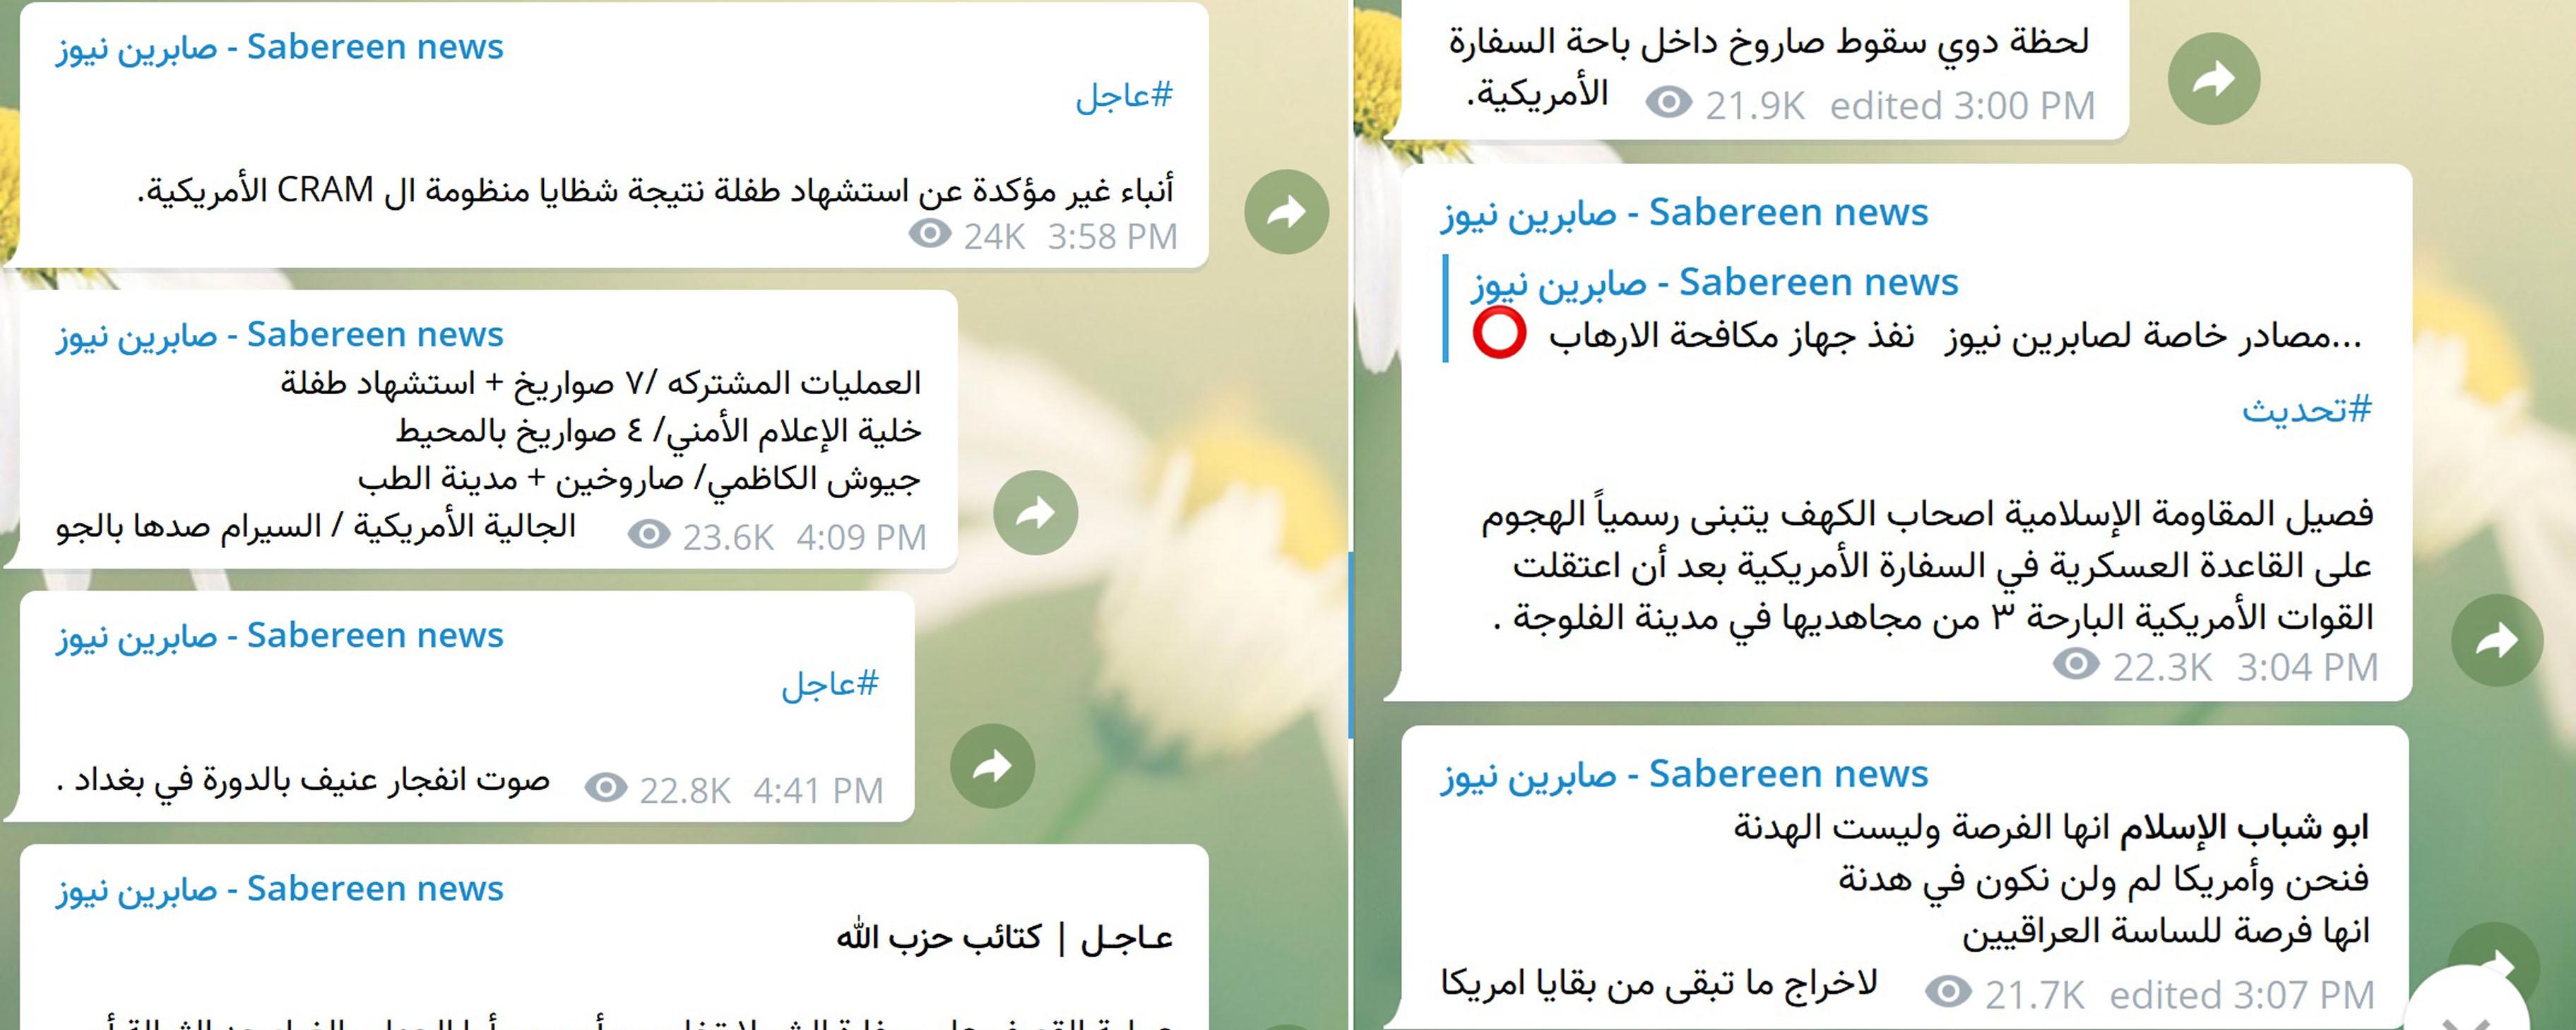 منصات الميليشيات الإعلامية تتبنى الهجوم على السفارة ثم تنفيه بعد الأنباء عن مقتل طفلة